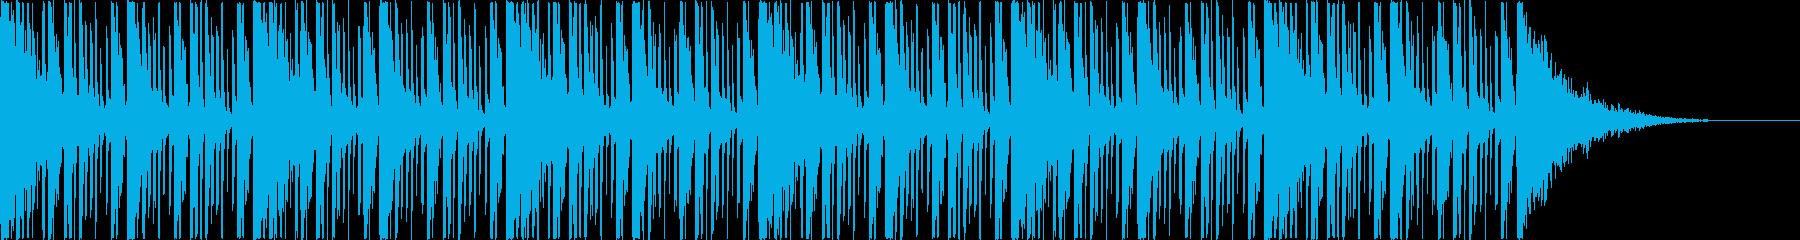 逃げる・追う・焦るのリズムの再生済みの波形